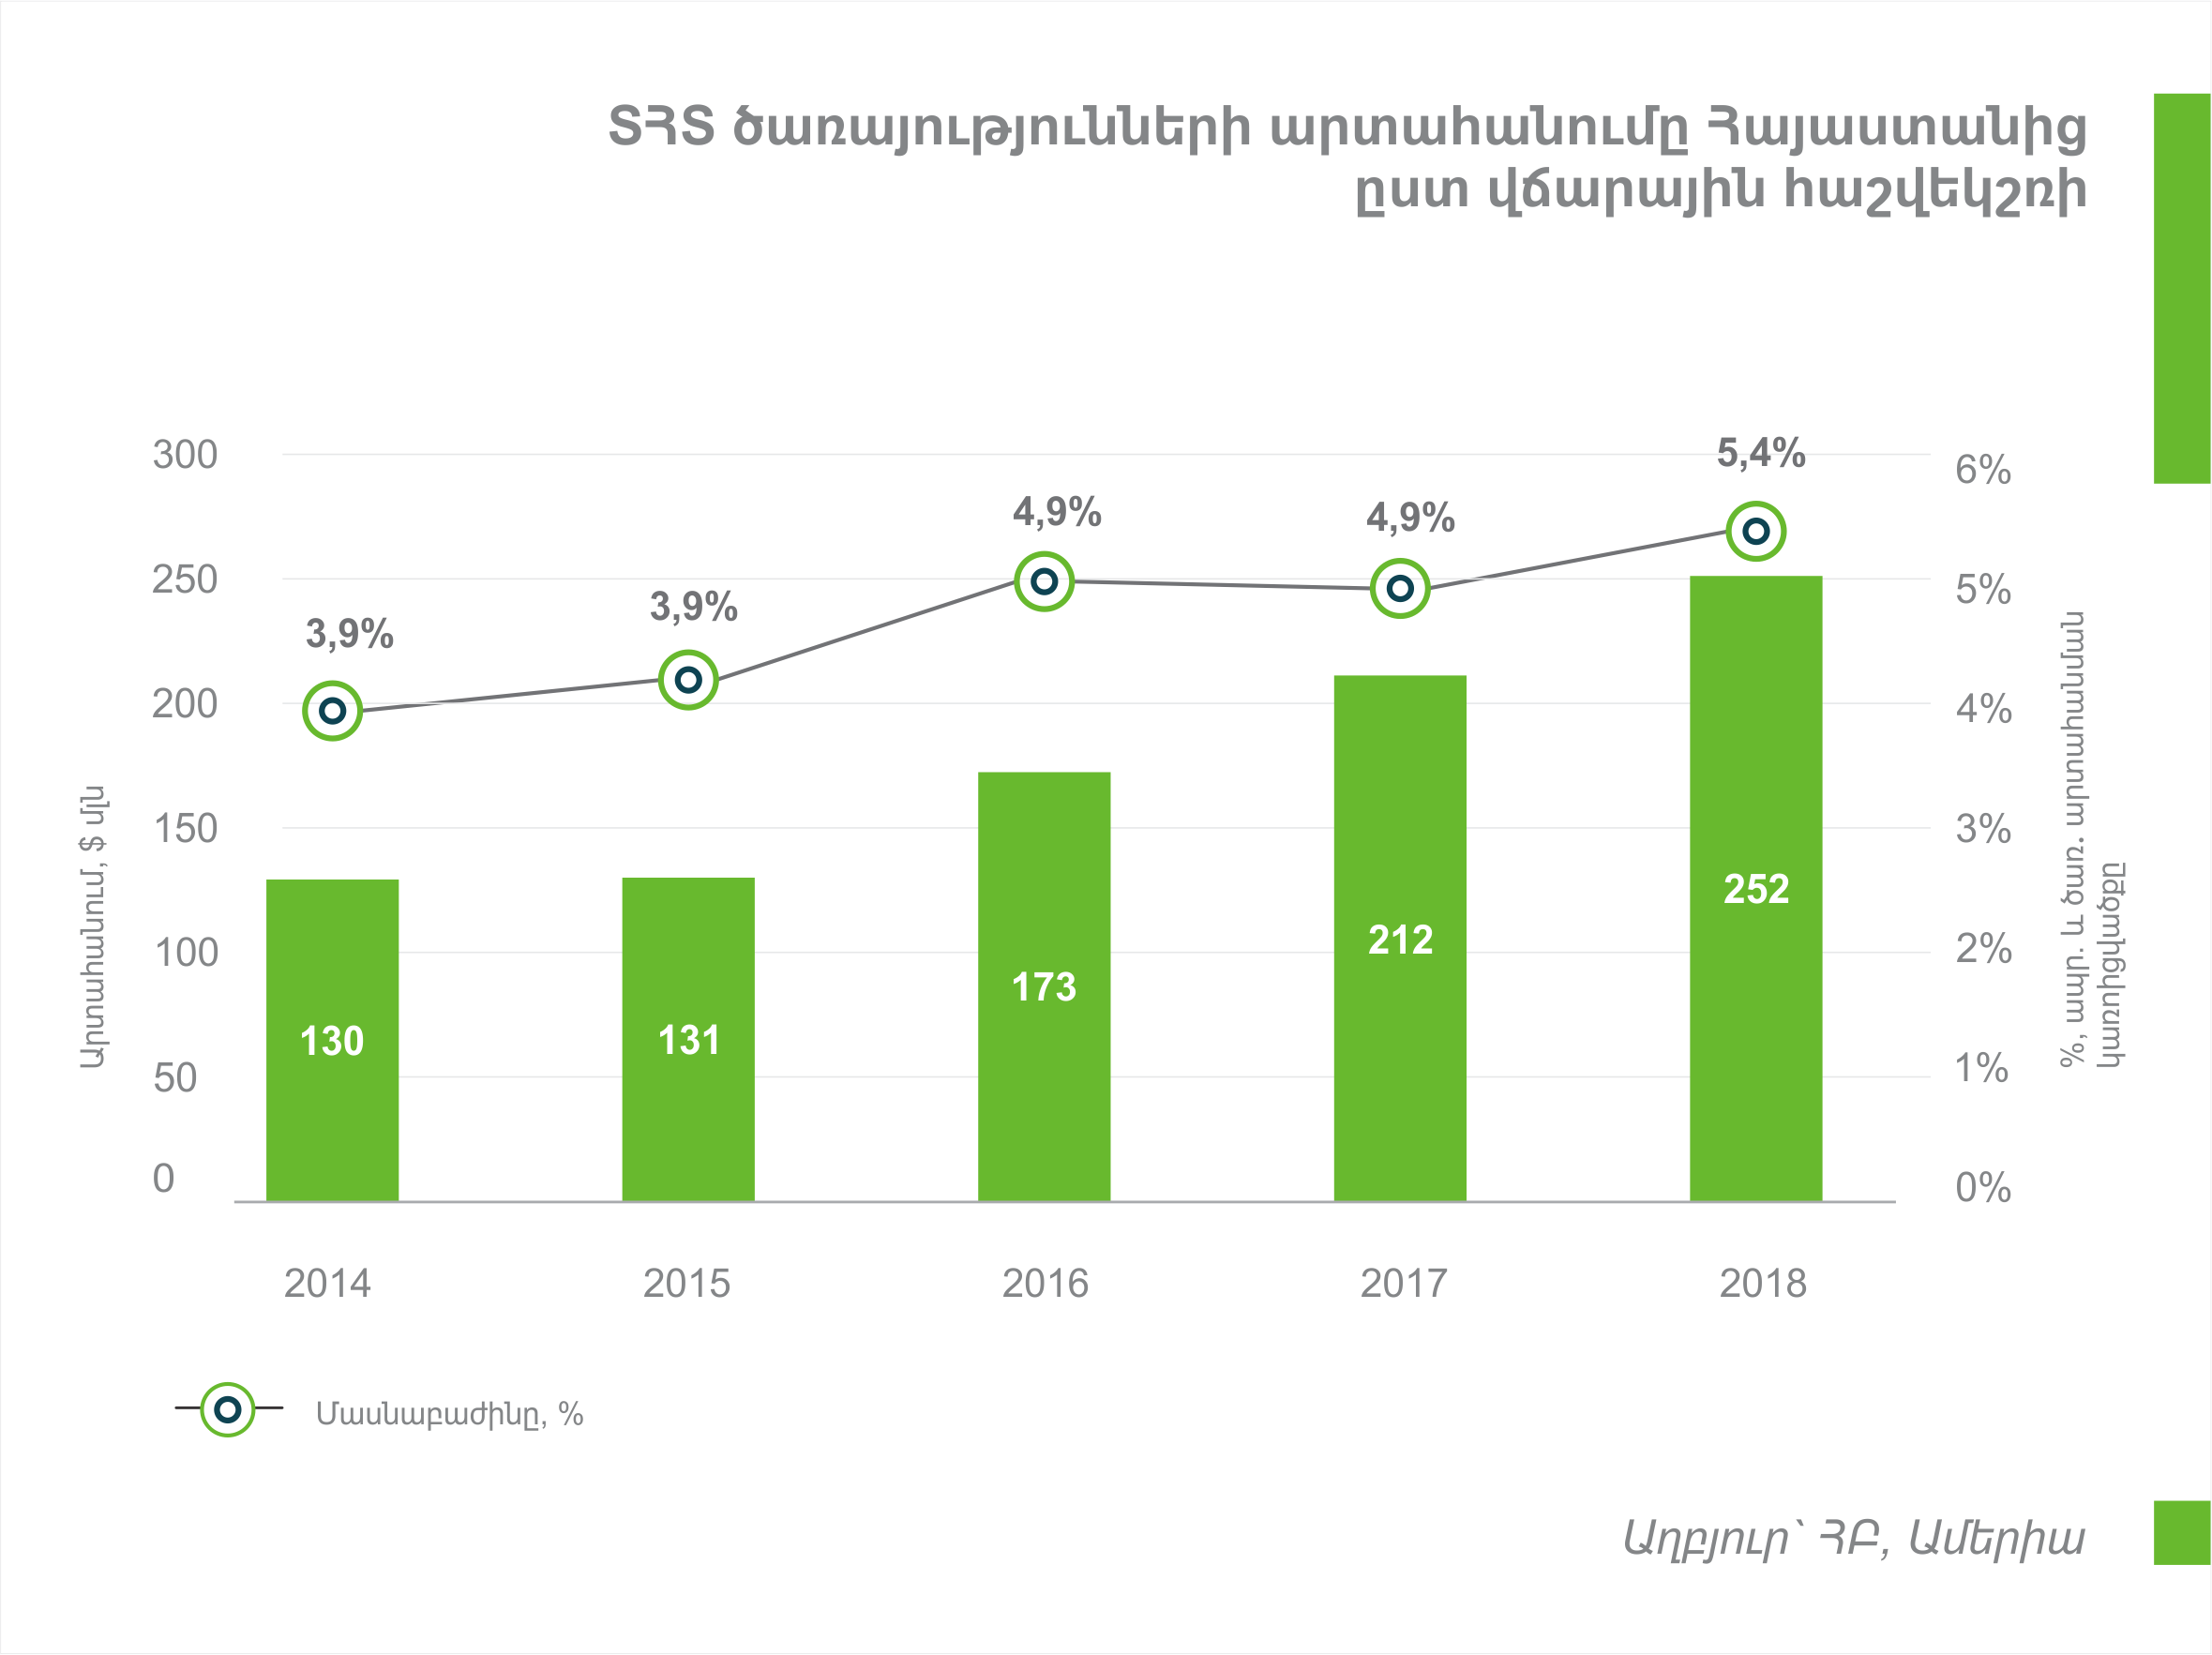 Ամերիա. ՏՏ ապրանքների և ծառայությունների արտահանման մասնաբաժնով Հայաստանը առաջատար է ԵԱՏՄ-ում